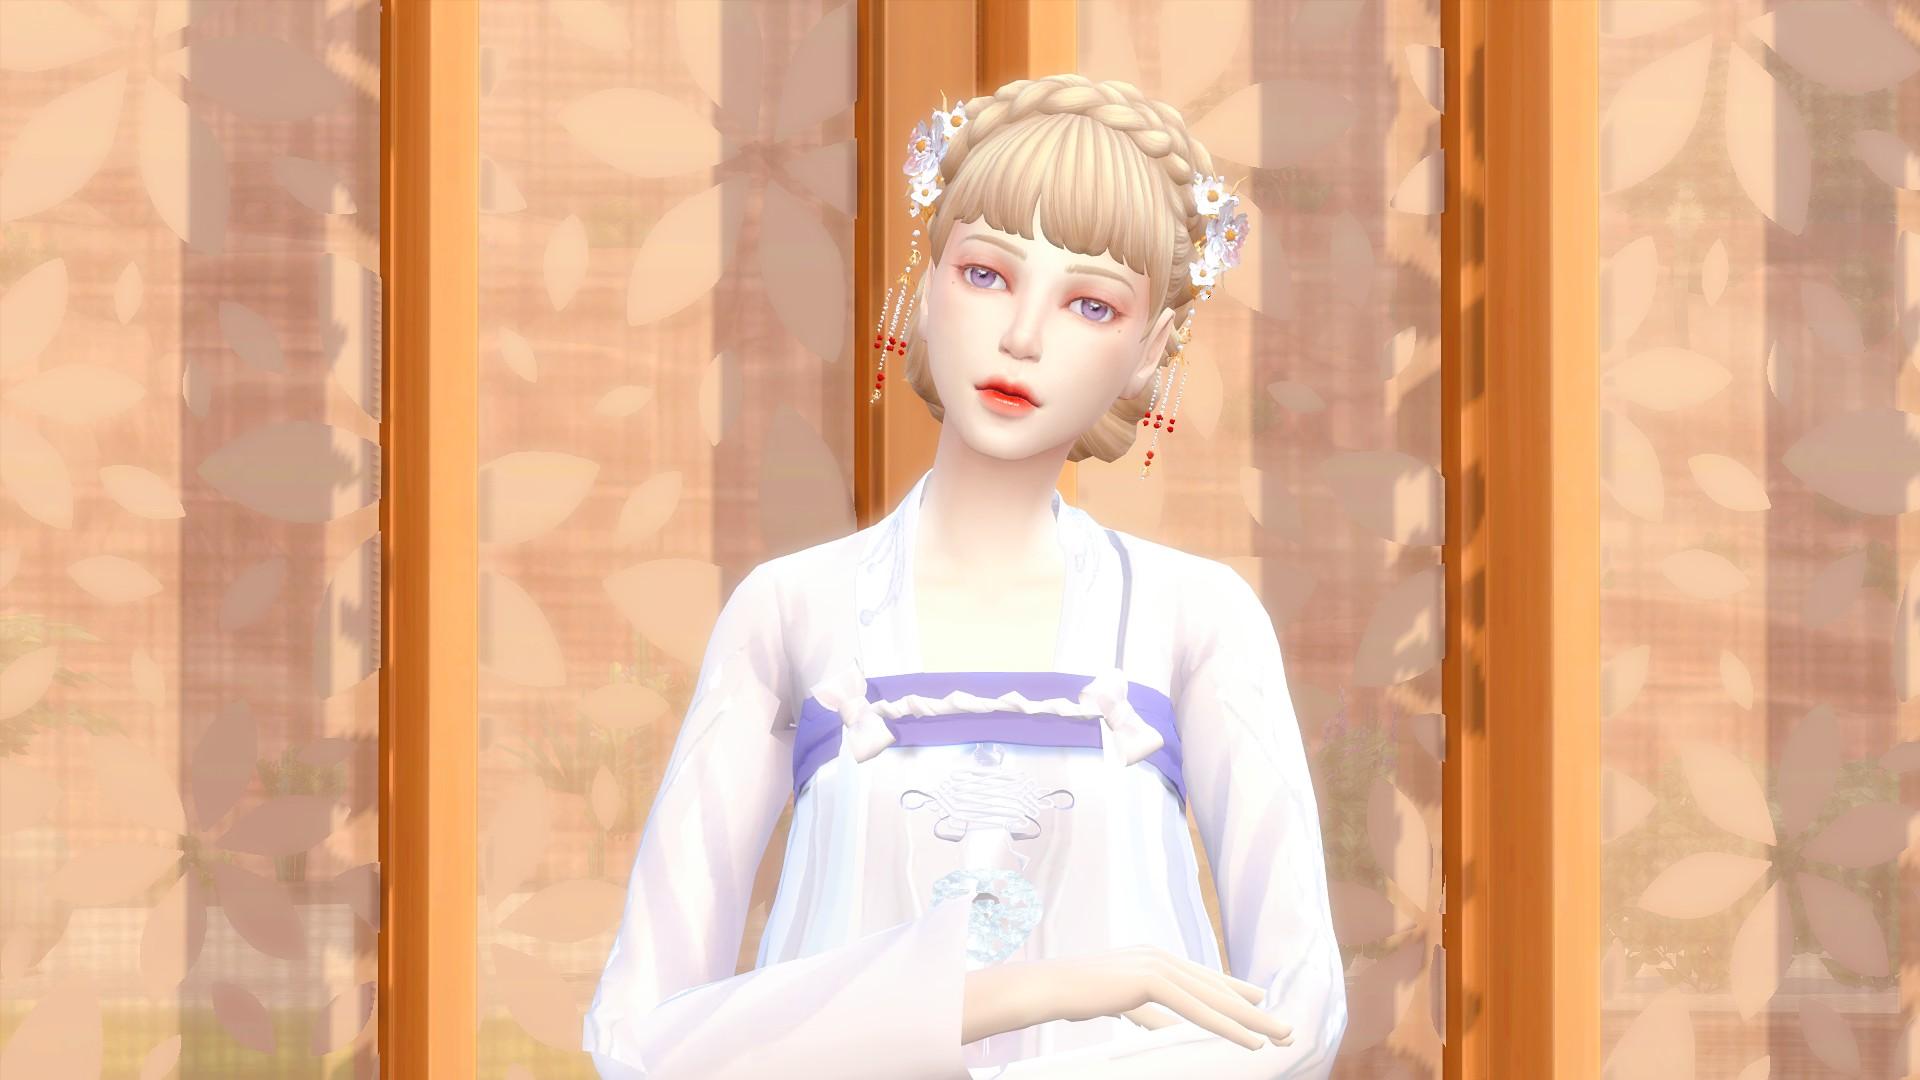 Sims 4 Screenshot 2021.02.18 - 20.00.46.15.png